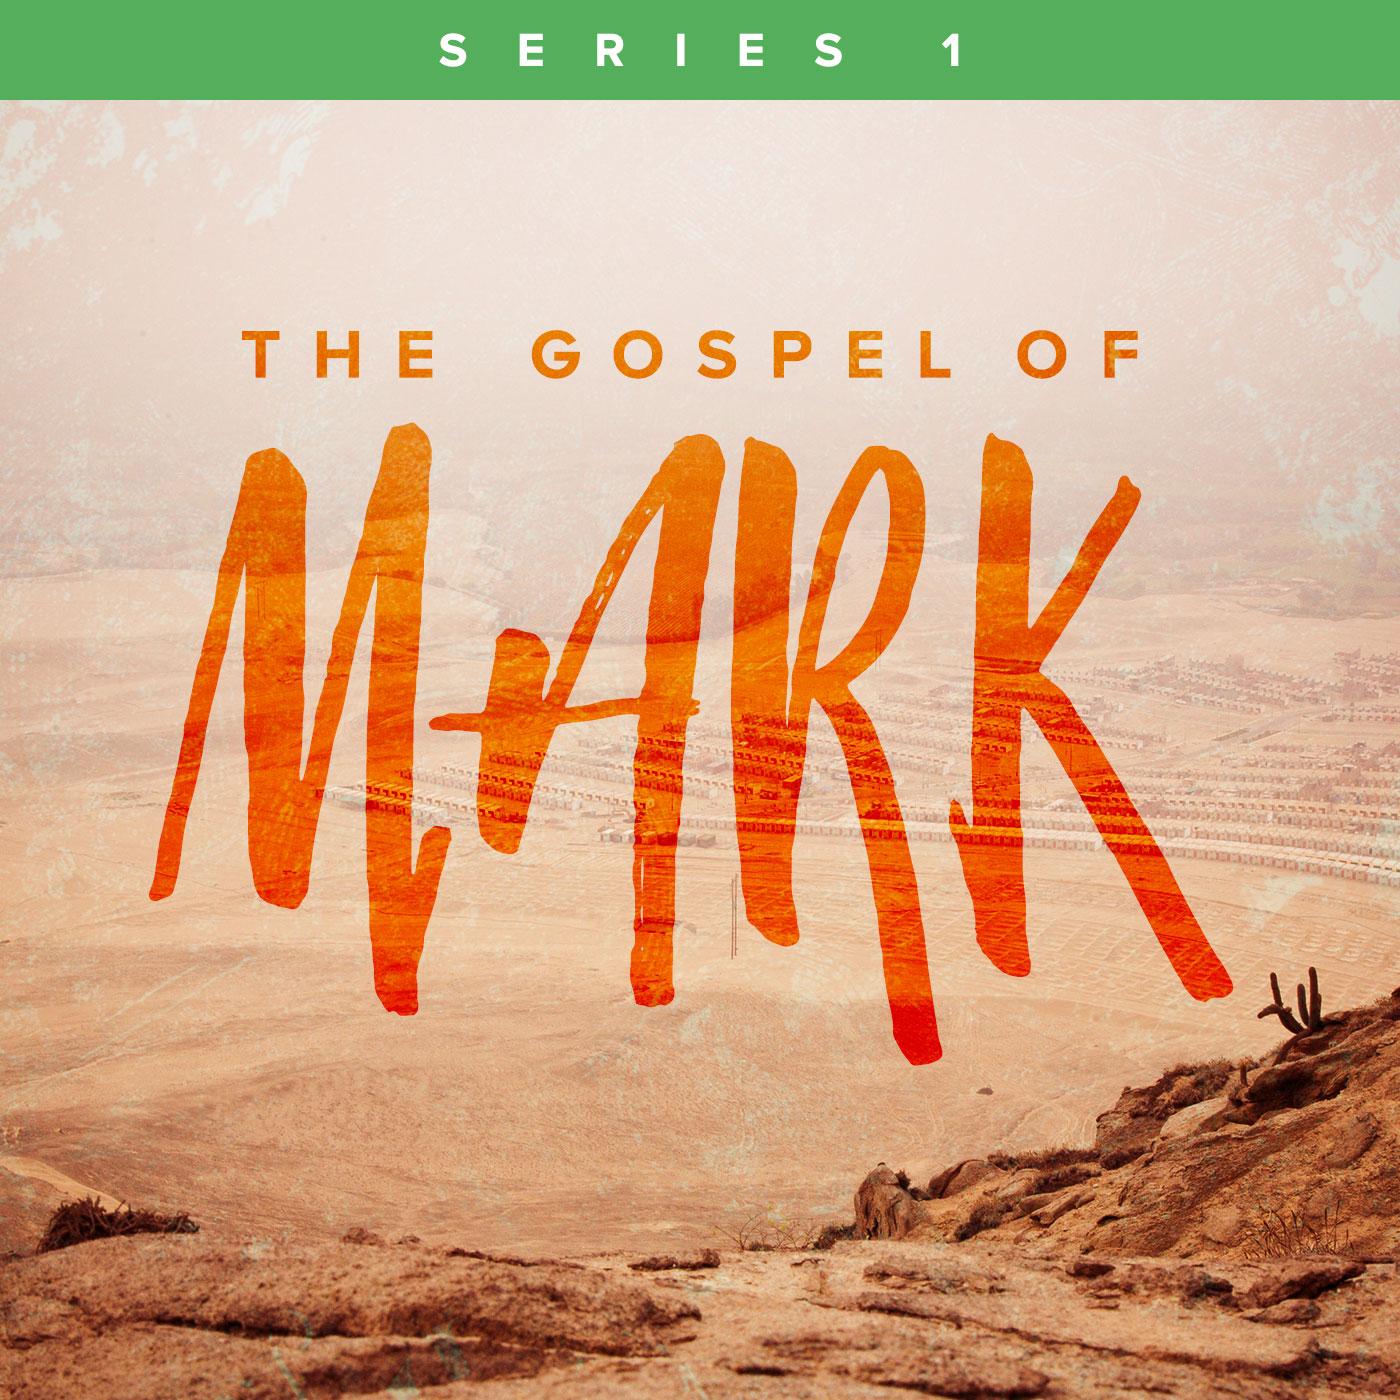 The Gospel of Mark: Series 1